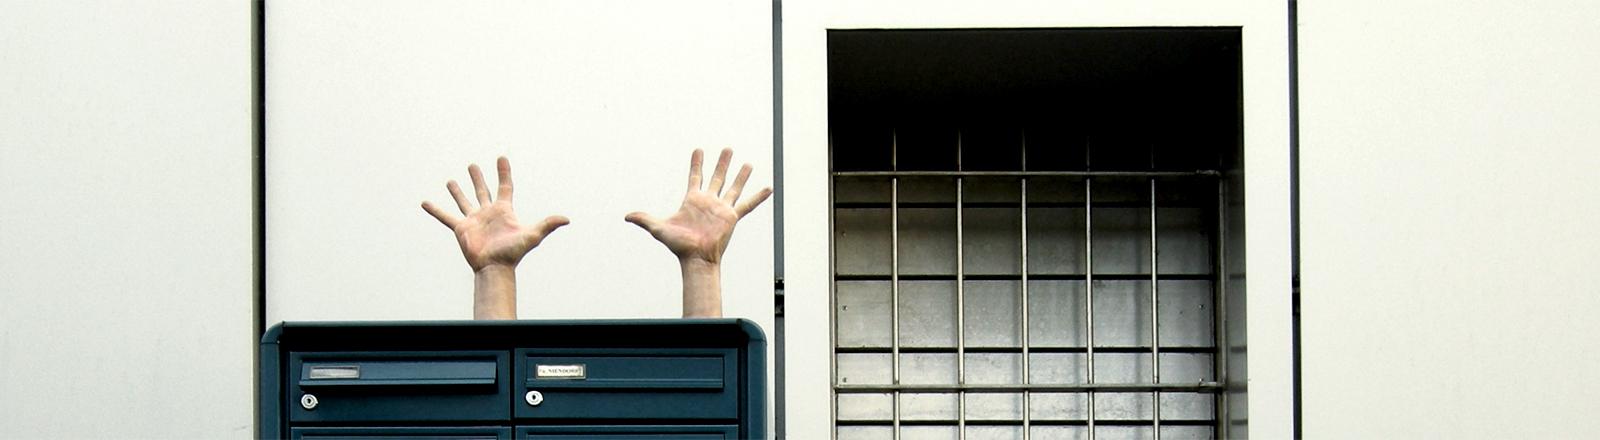 Hande hoch hinter einem Briefkasten vor einer Hauswand